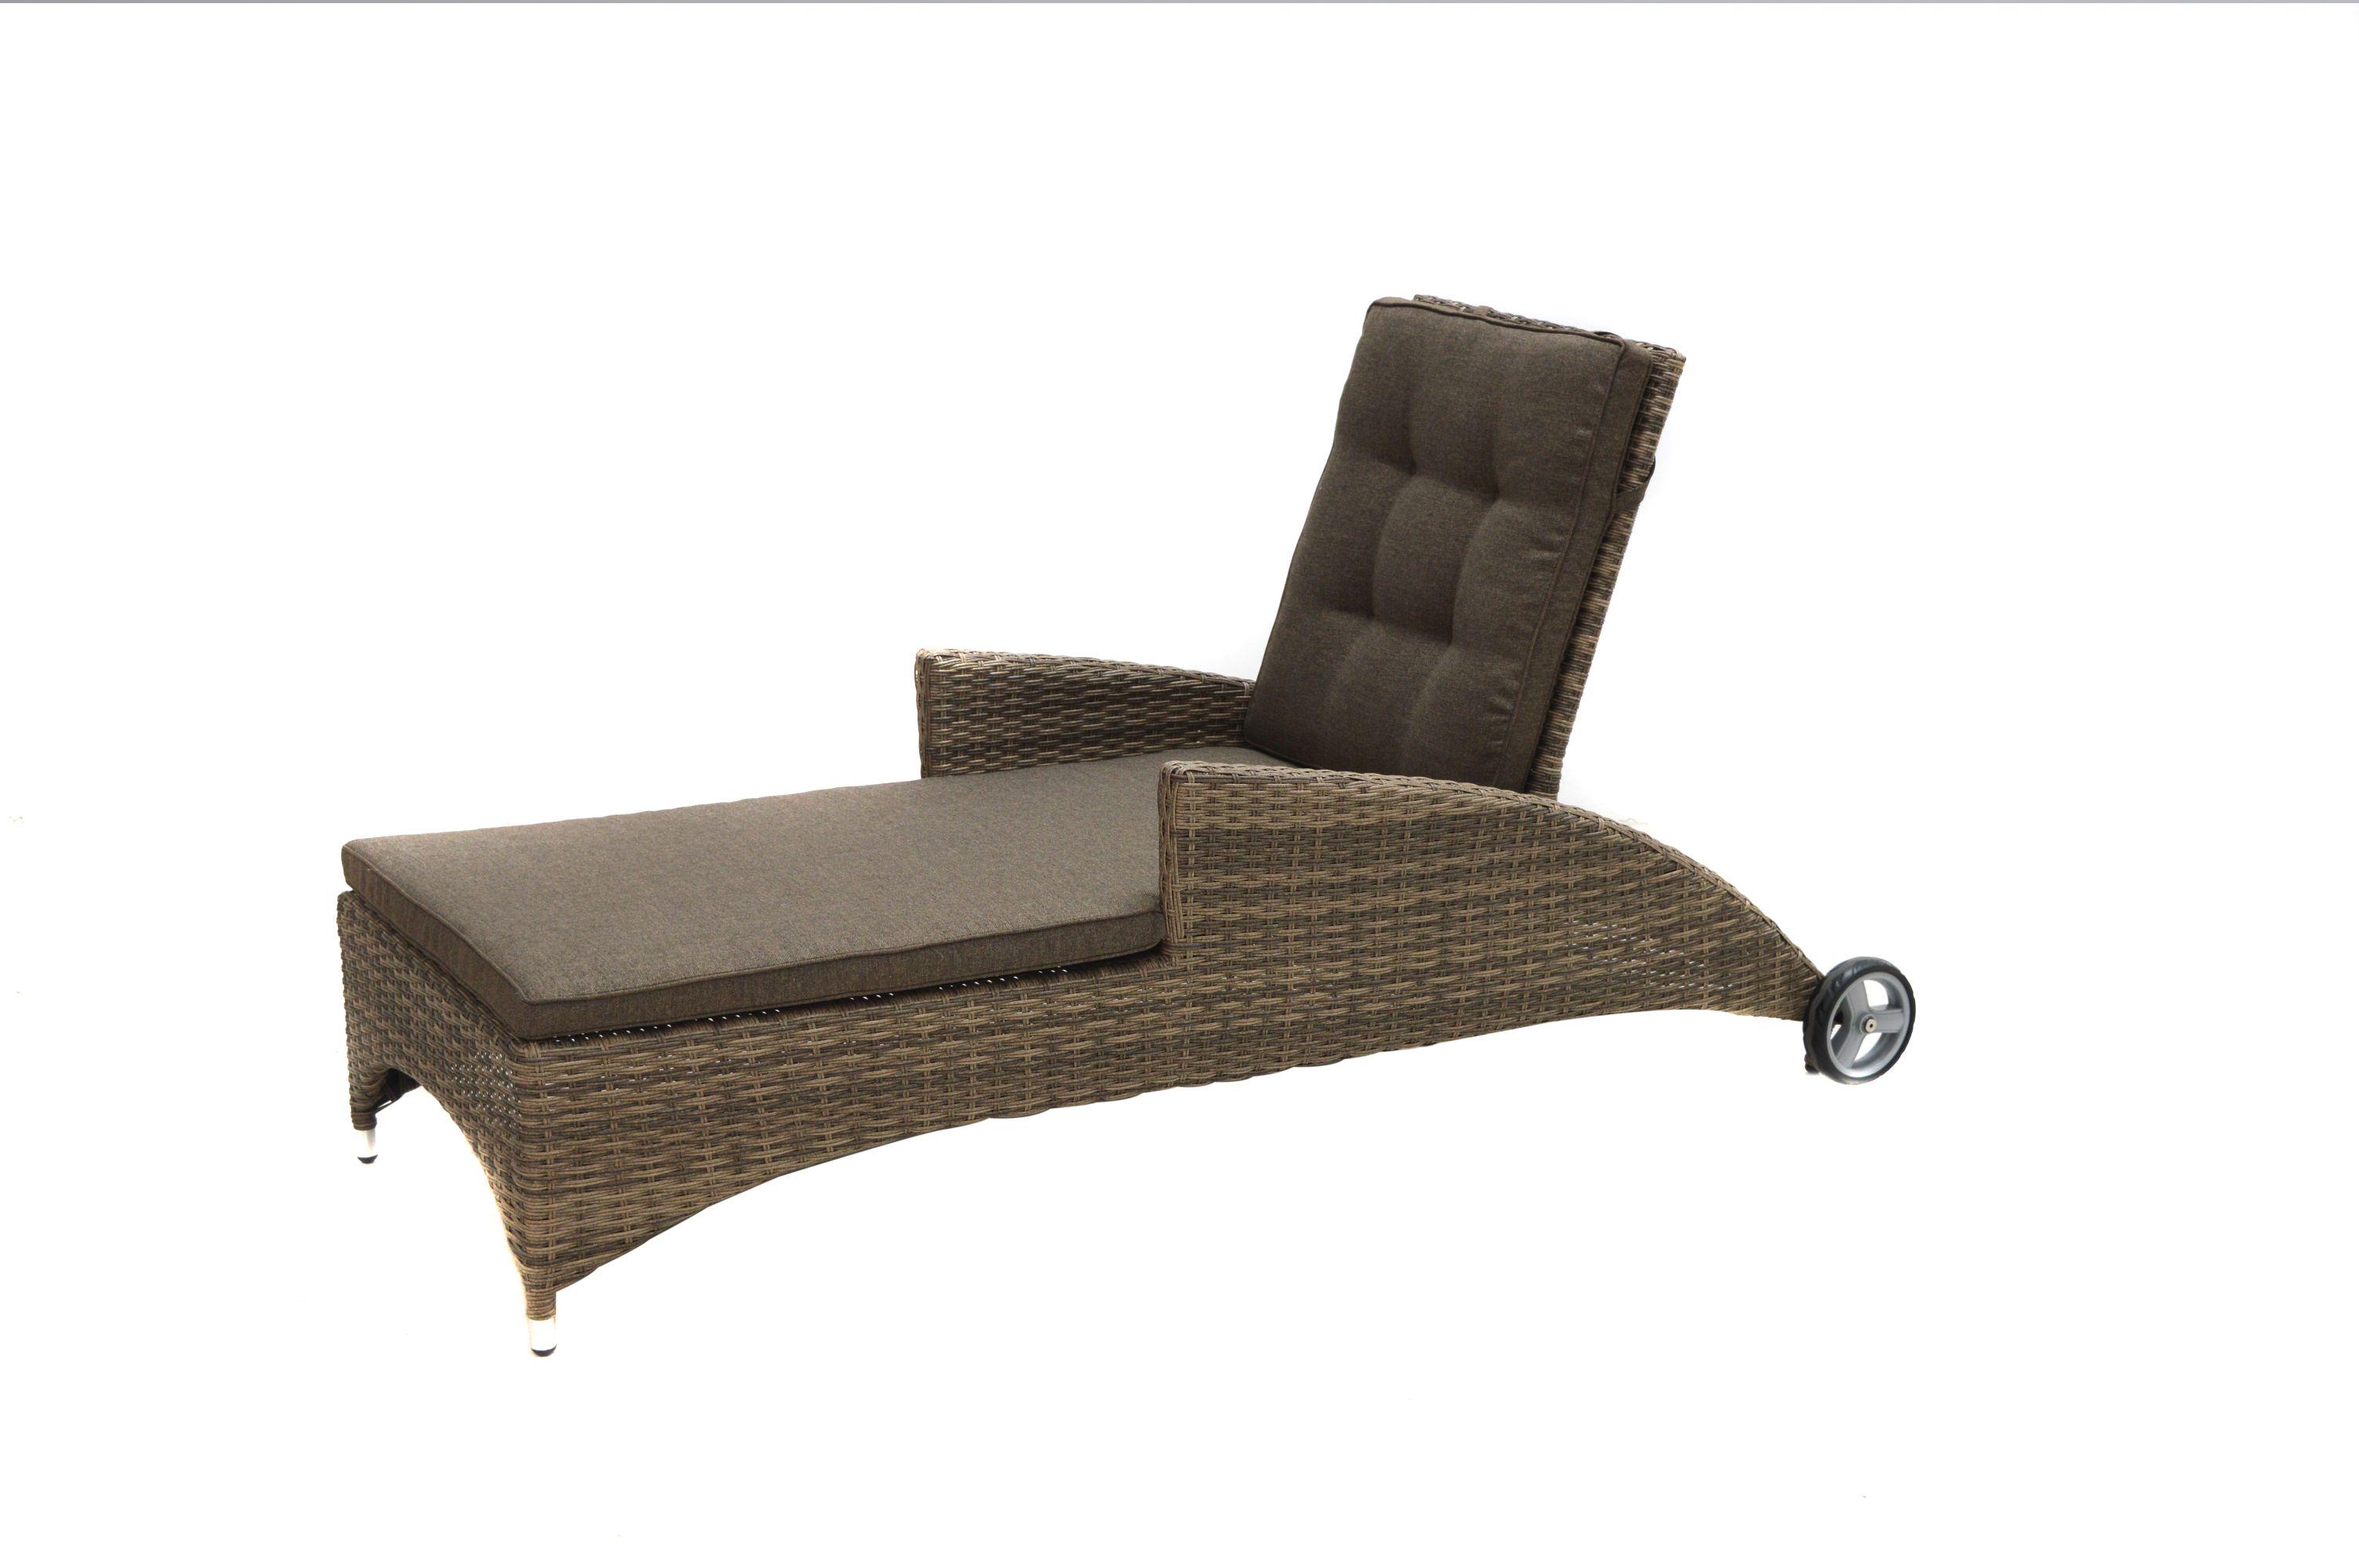 gartenliegen deckchairs gartenm bel gardanio ihr online shop f r hochwertige gartenm bel. Black Bedroom Furniture Sets. Home Design Ideas